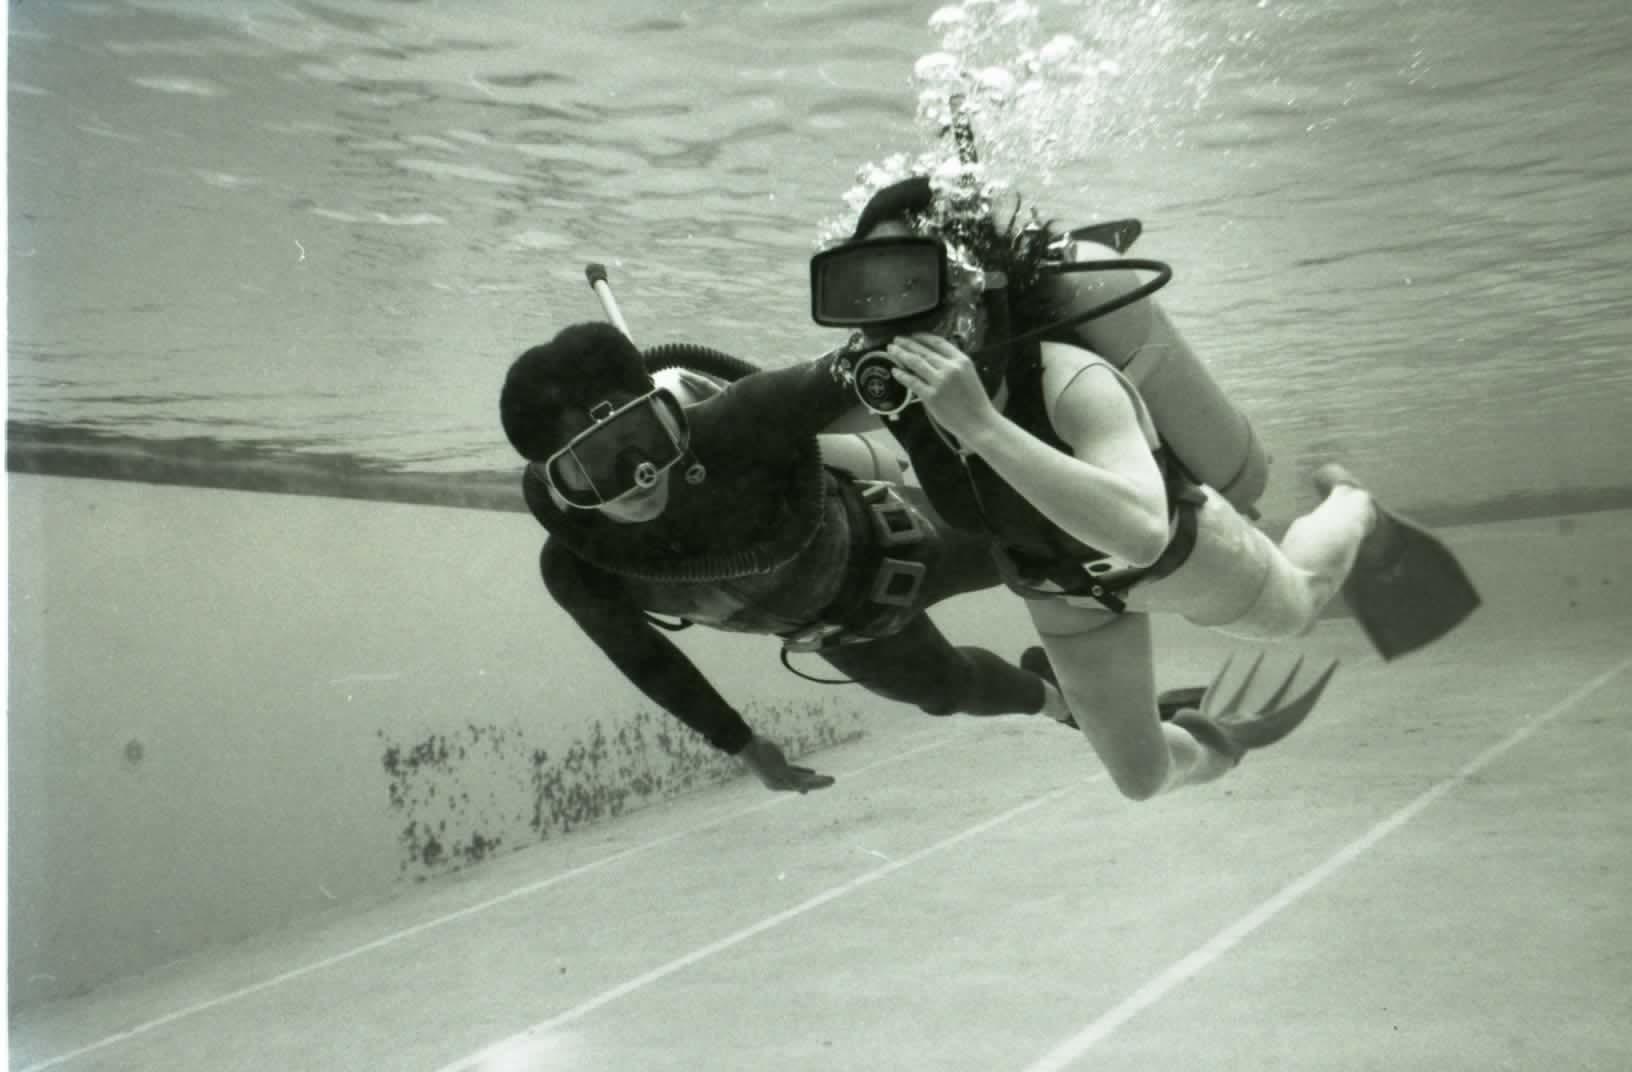 0123  ダイビングの歴史 103 JOTEC (1)_b0075059_22505701.jpg